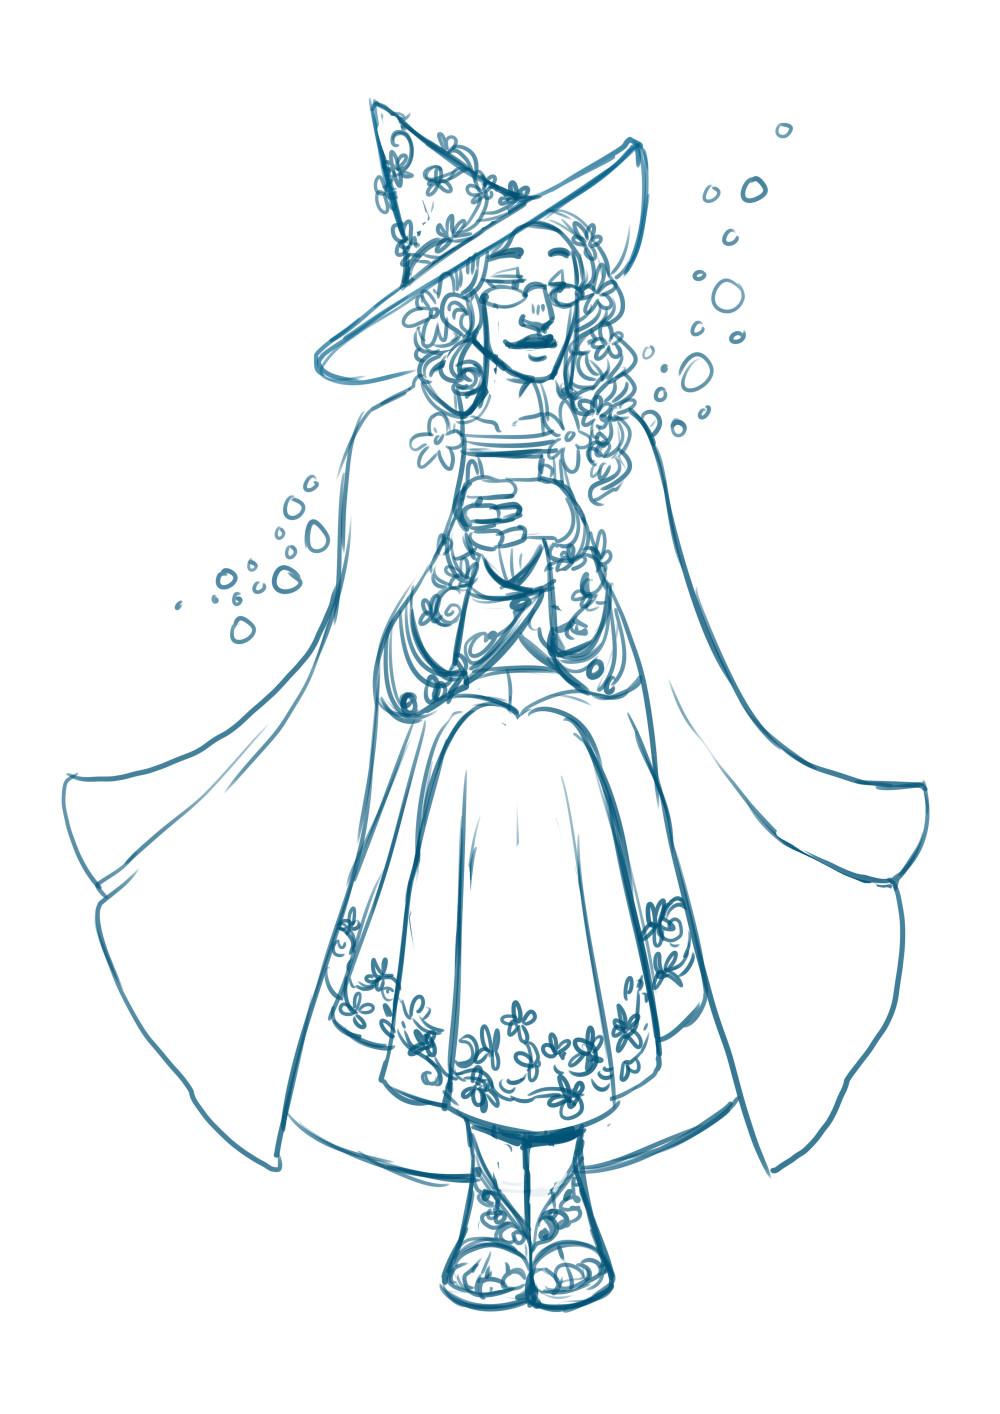 Anna landin jasmine sketch